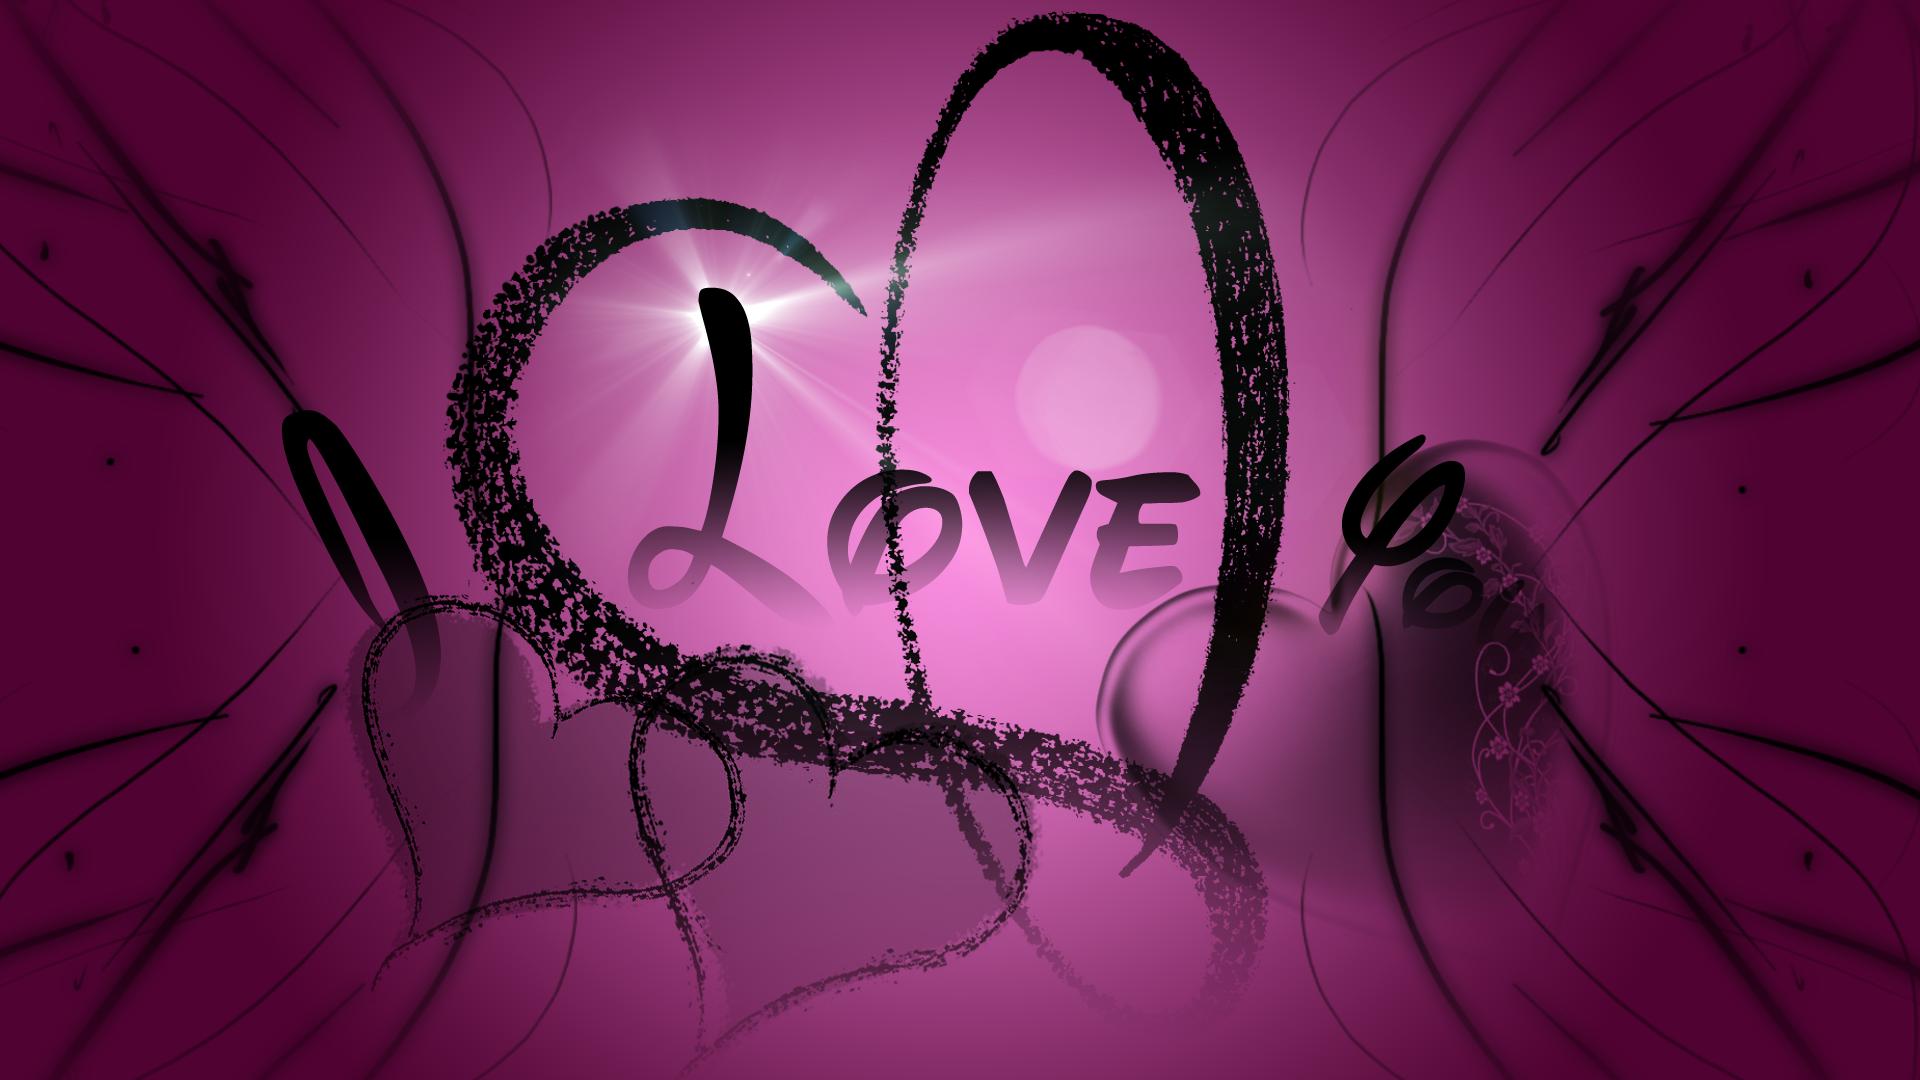 Hd wallpaper upload - Purple Hearts For Hope Purple Hearts Wallpaper Wallpaper Wallpaper Hd Background Desktop